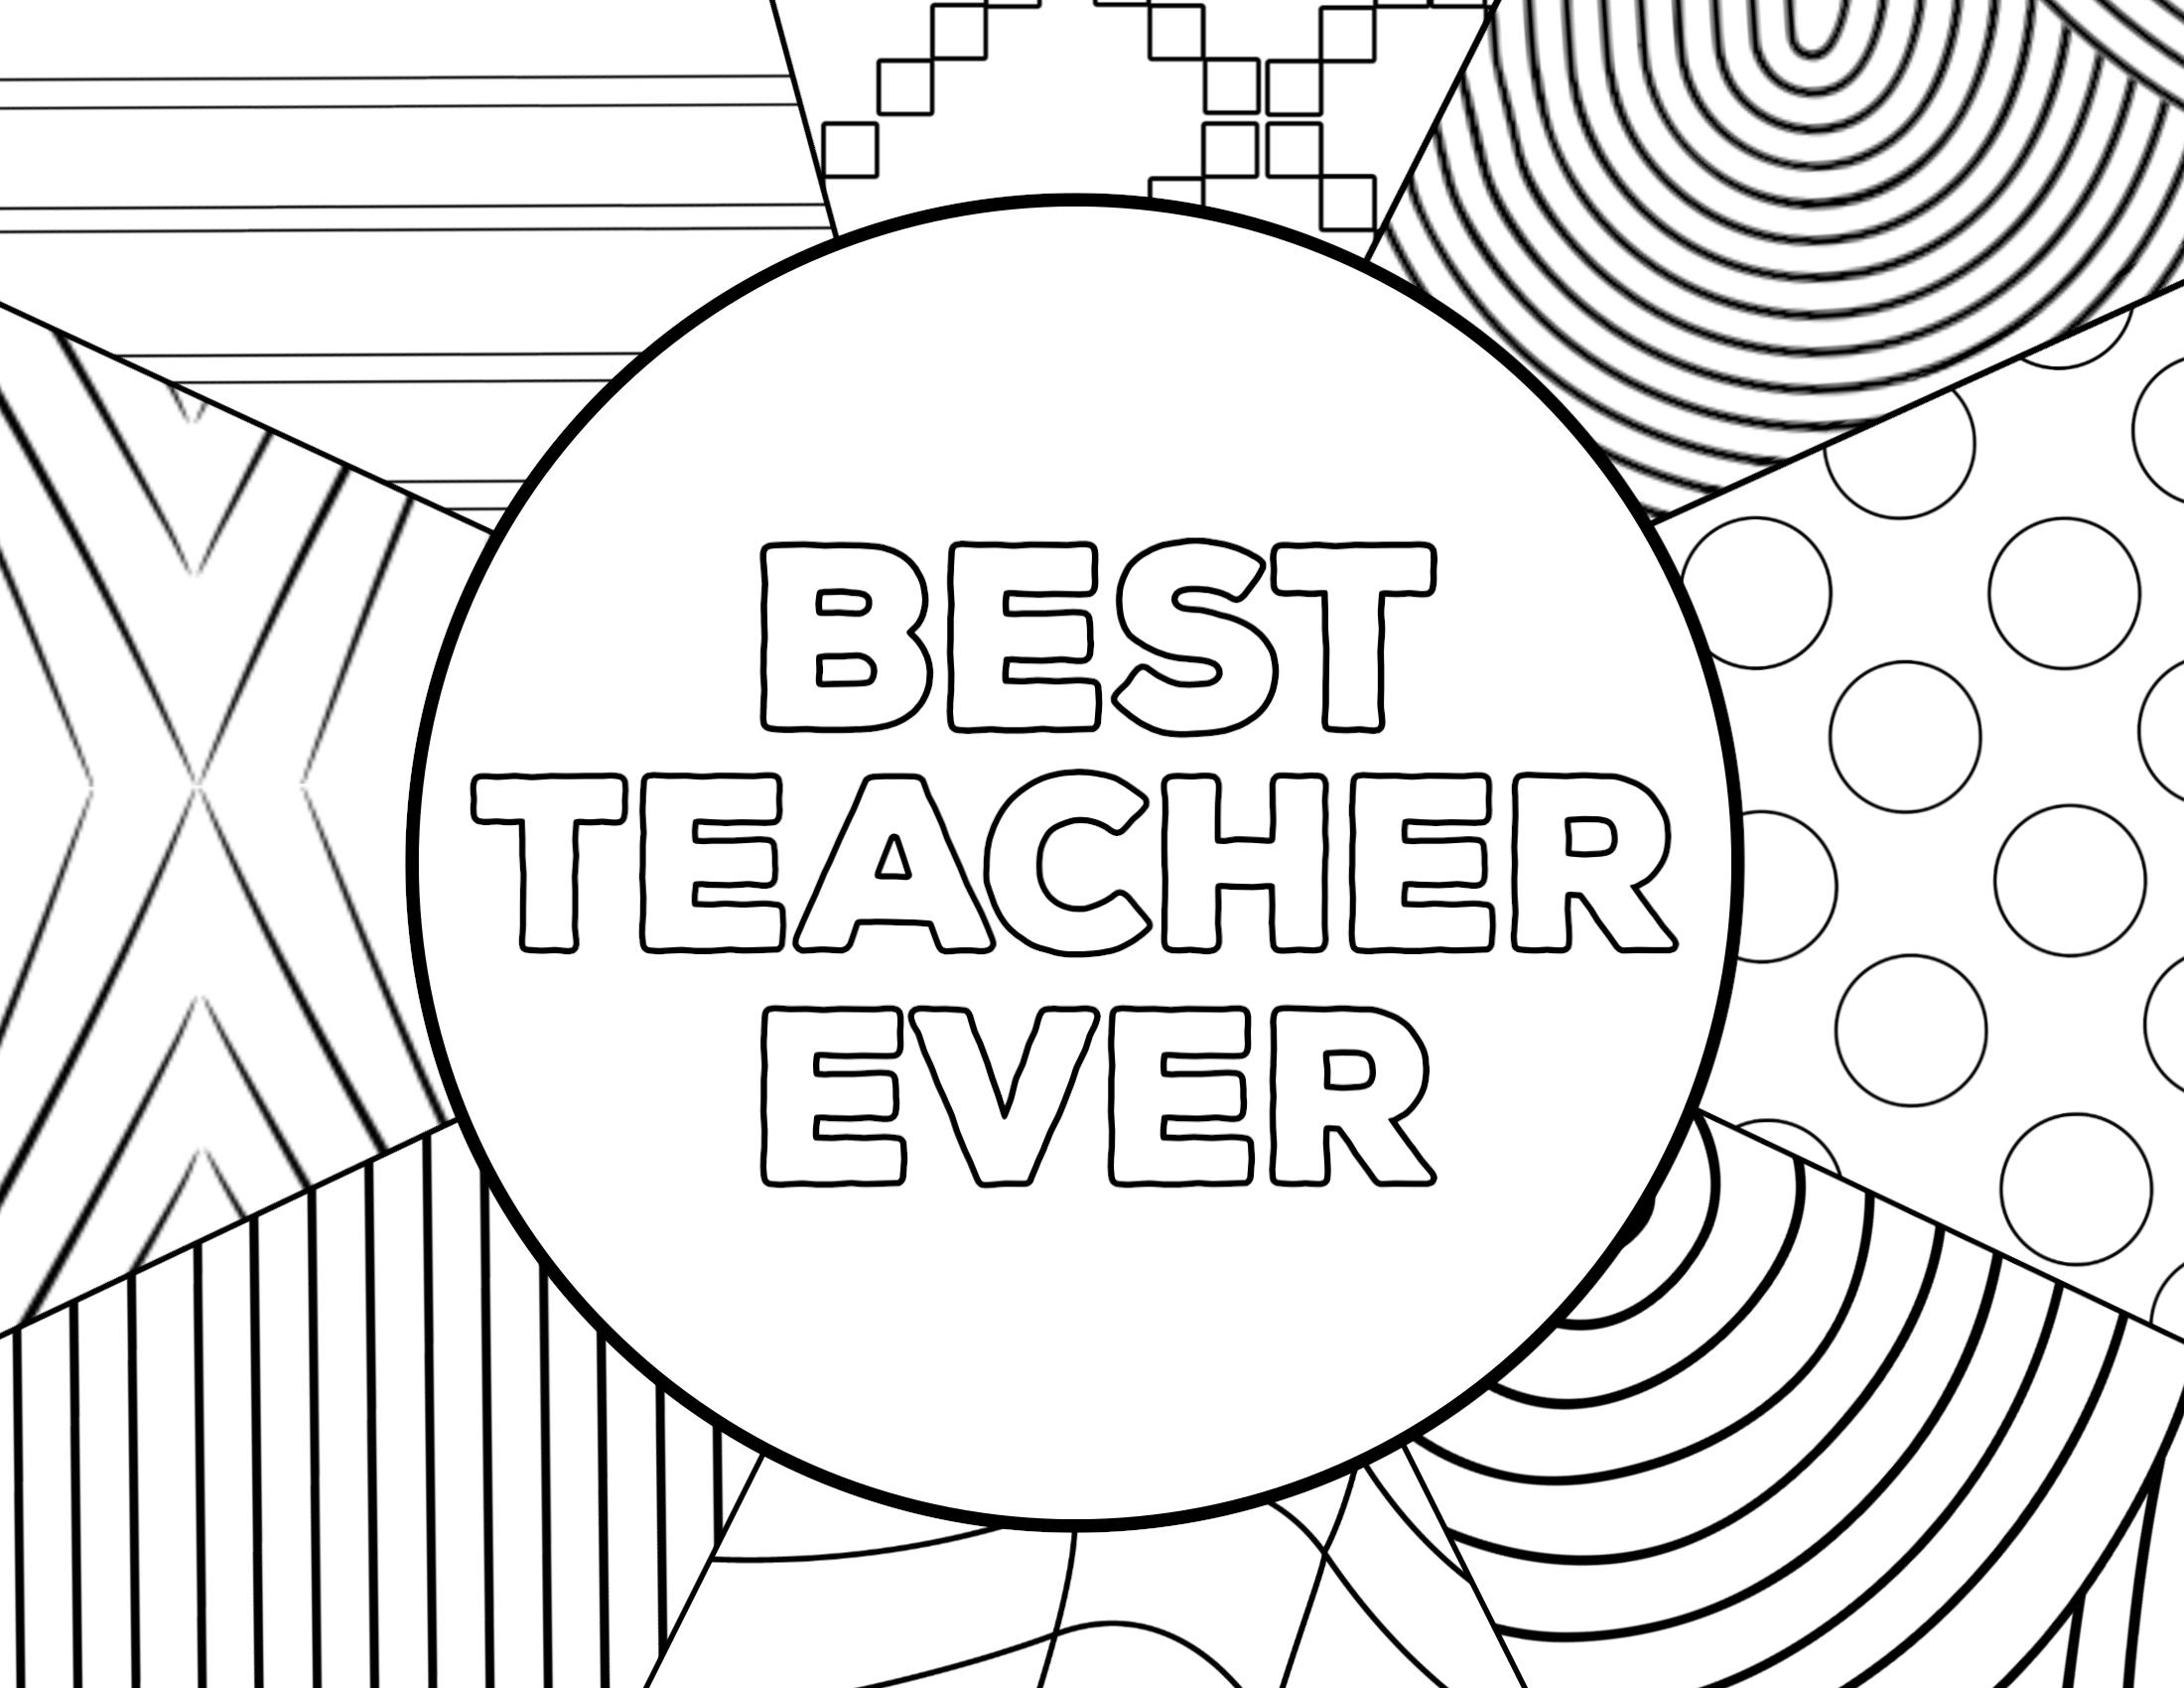 Teacher Appreciation Coloring Pages - Paper Trail Design